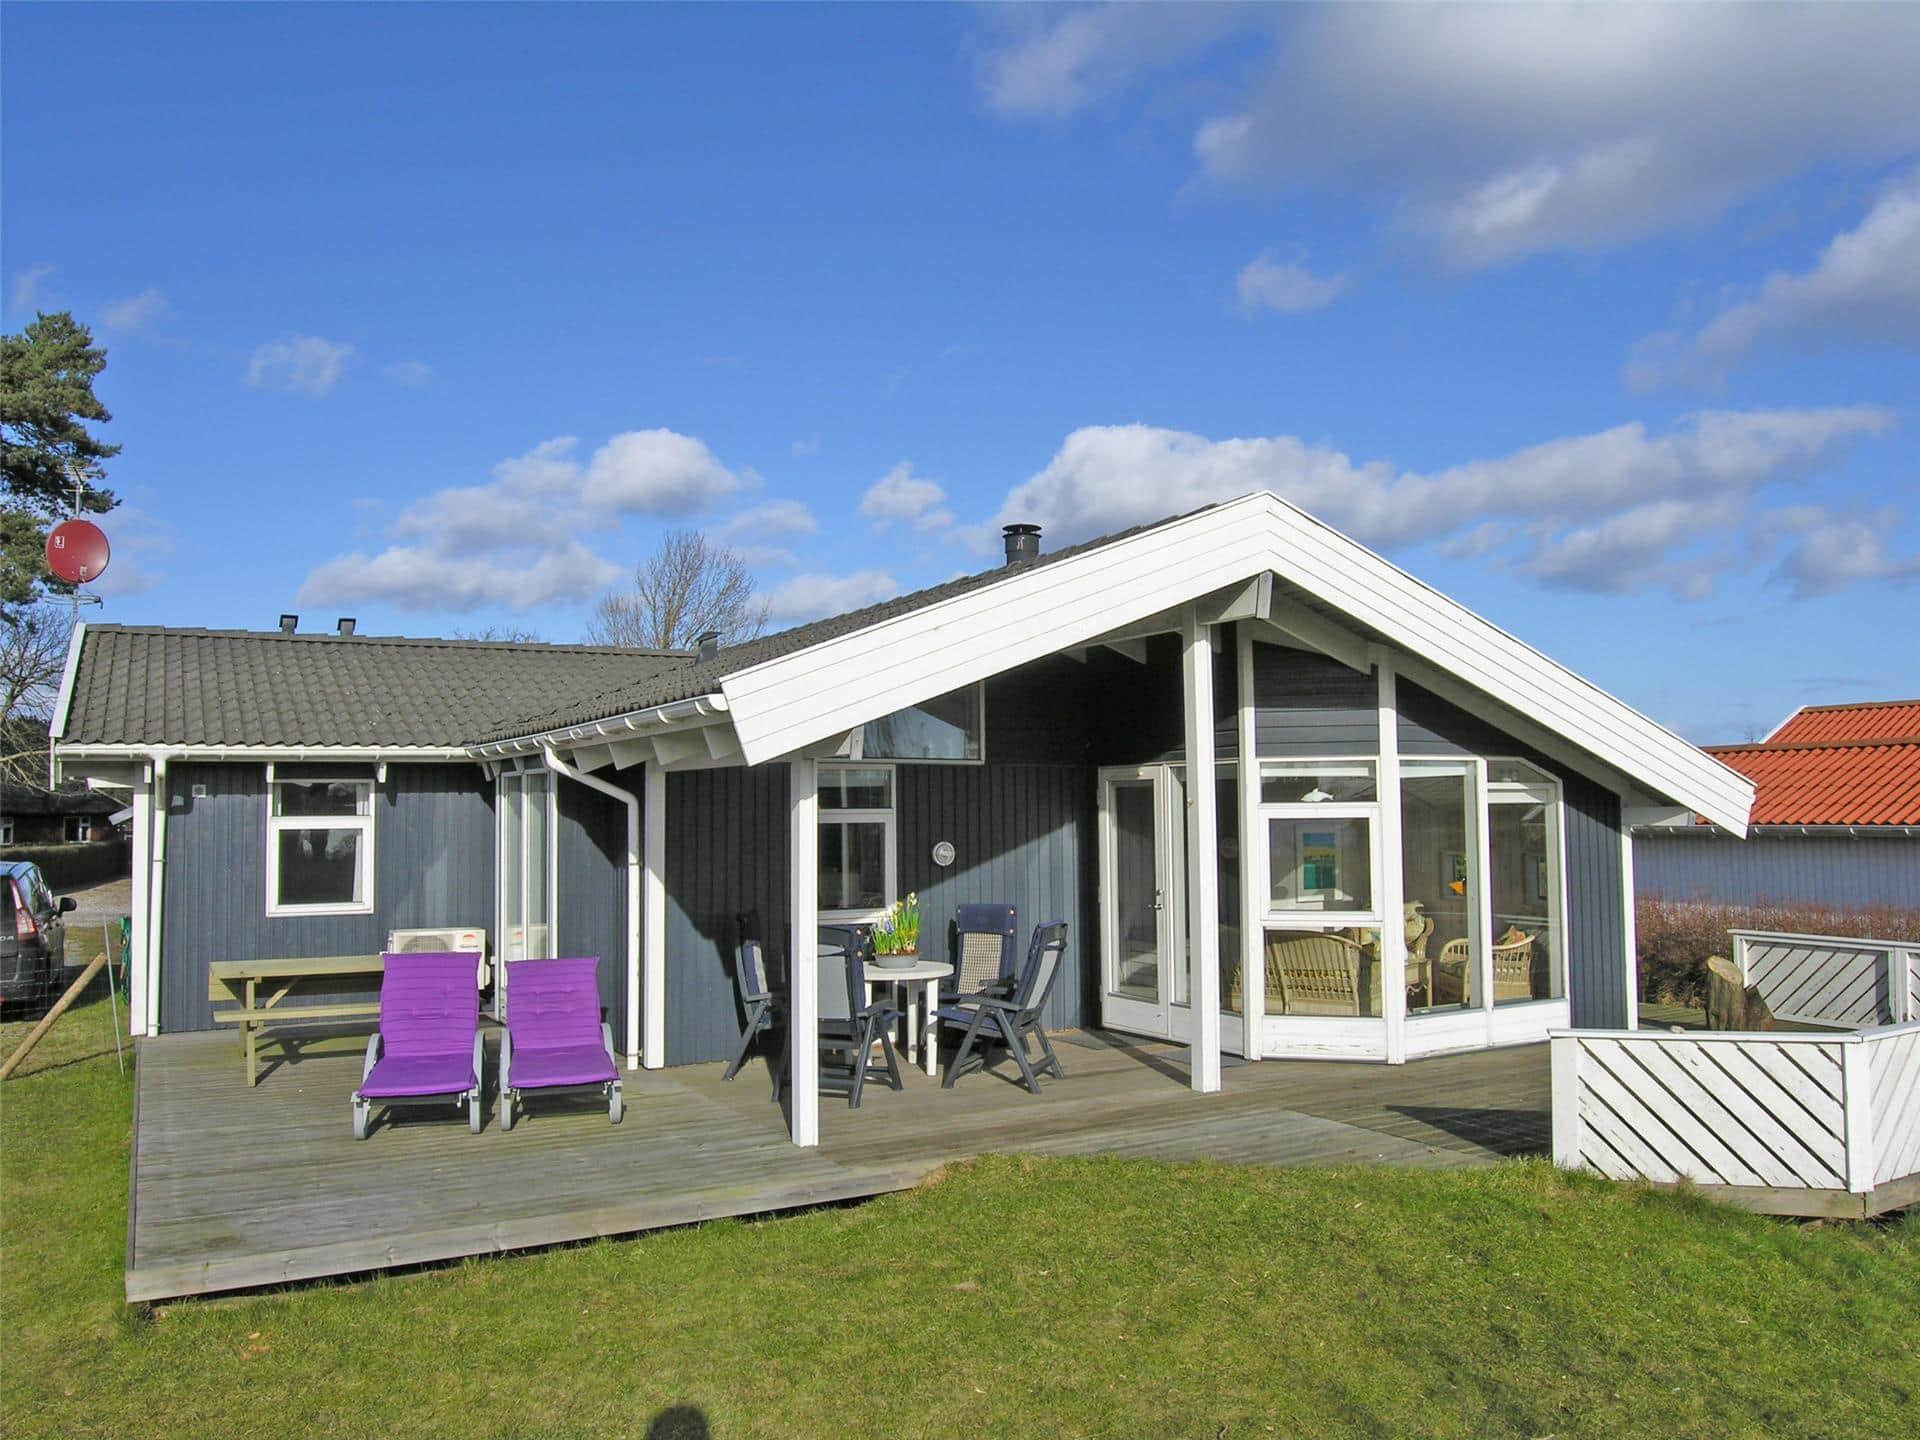 Billede 1-19 Sommerhus 30098, Norsmindevej 171, DK - 8340 Malling